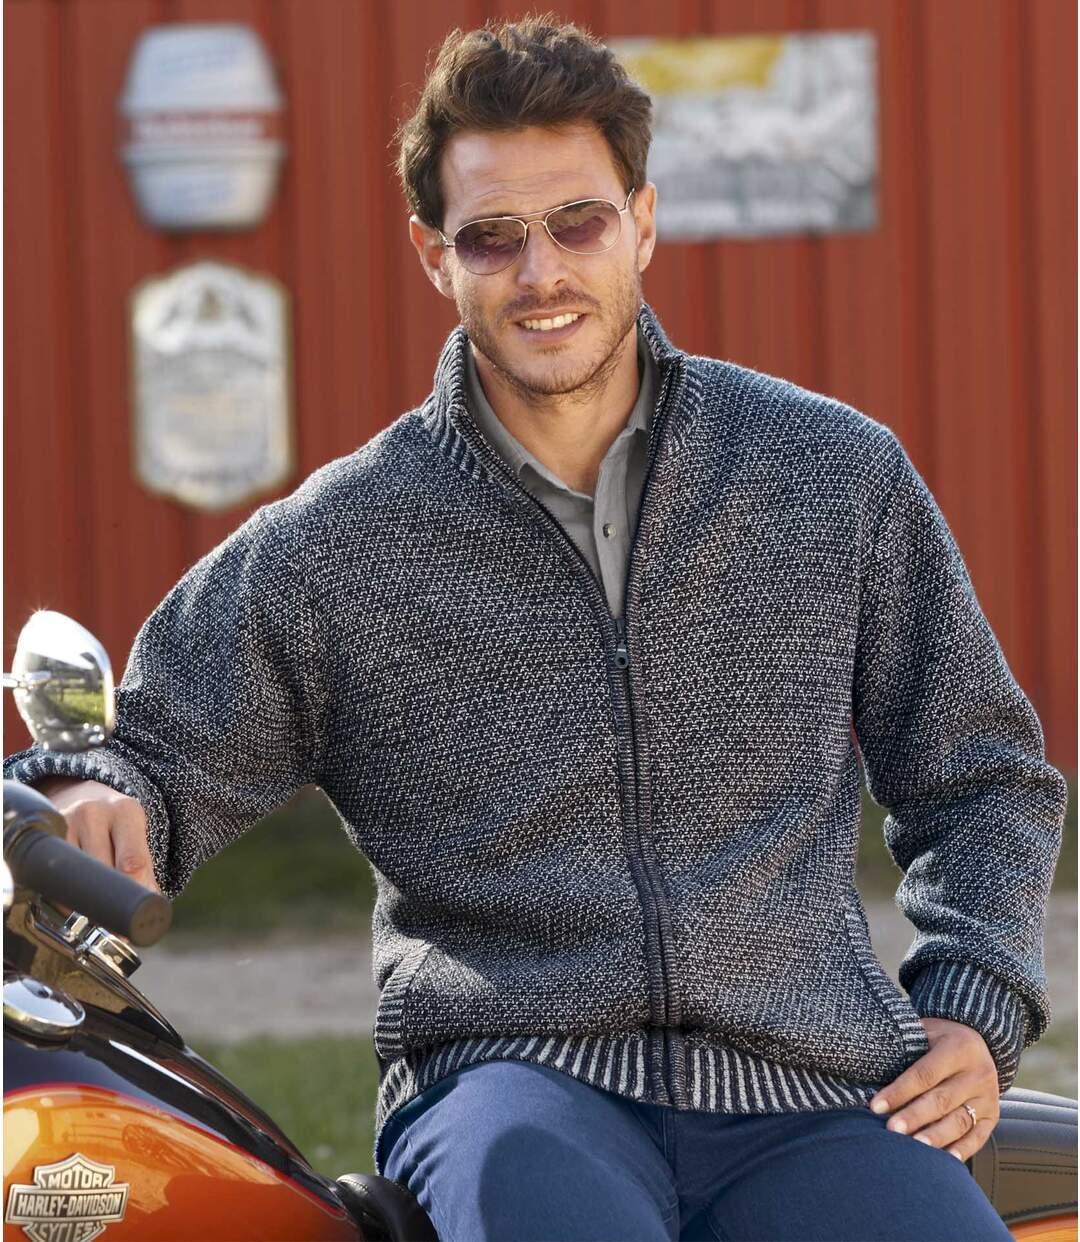 Melírovaný pletený sveter